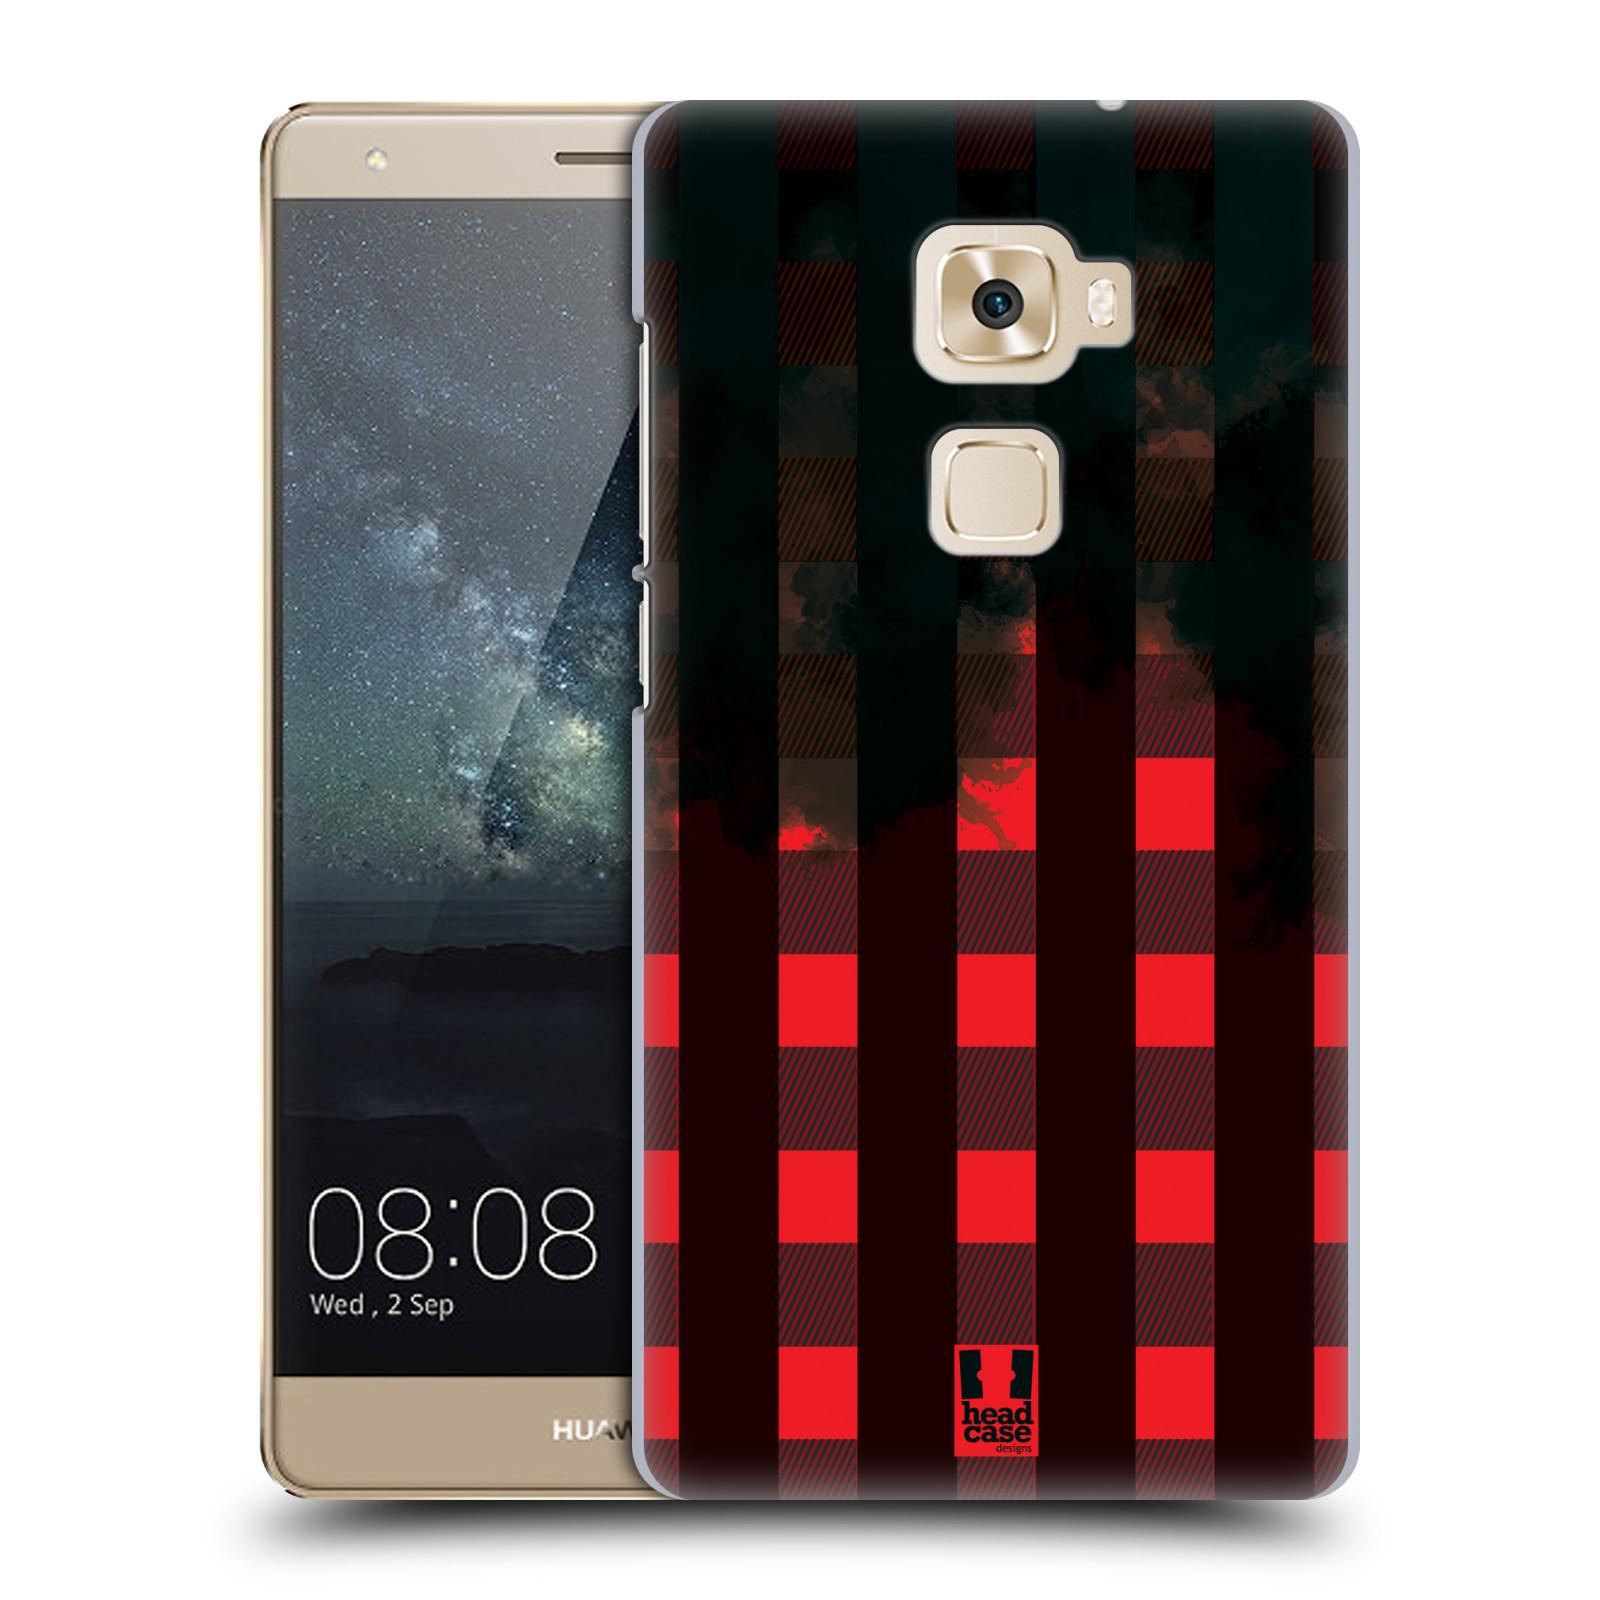 Plastové pouzdro na mobil Huawei Mate S HEAD CASE FLANEL RED BLACK (Plastový kryt či obal na mobilní telefon Huawei Mate S)